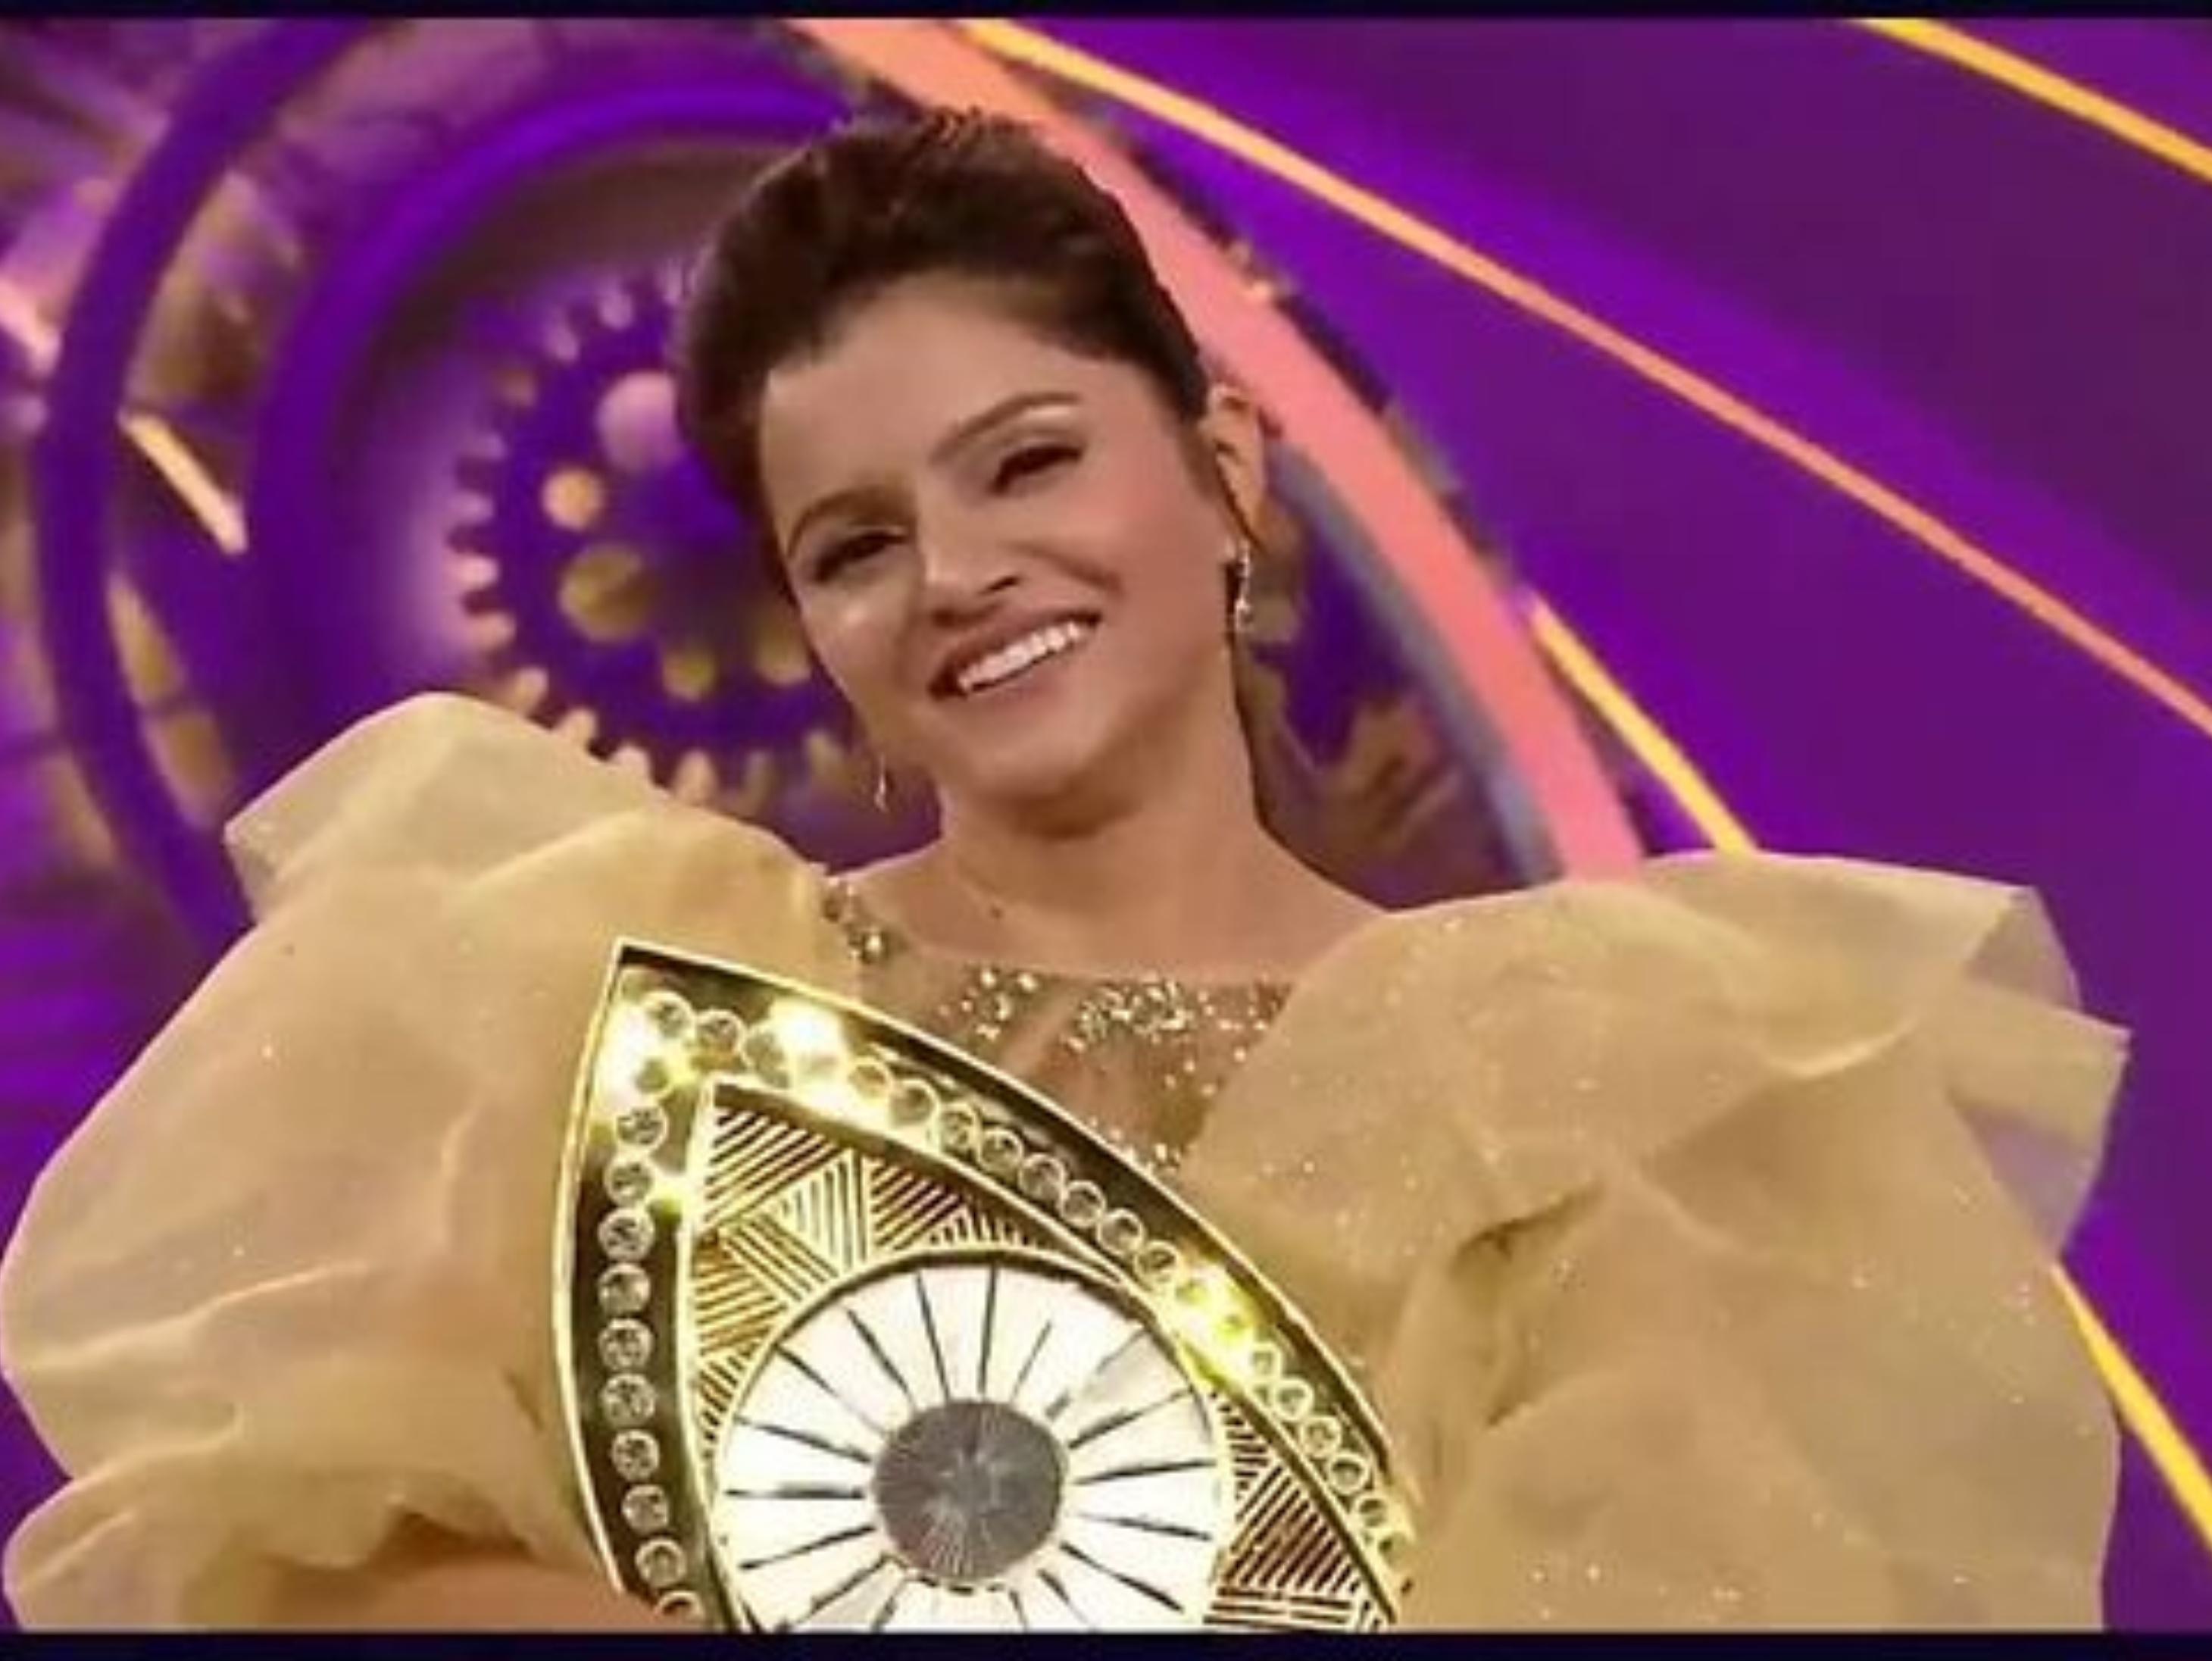 रुबीना दिलैक बनीं बिग बॉस सीजन 14 की विनर, सलमान बोले- अच्छा लगा ट्रॉफी से पहले घरवालों की ओर दौड़ीं बॉलीवुड,Bollywood - Dainik Bhaskar